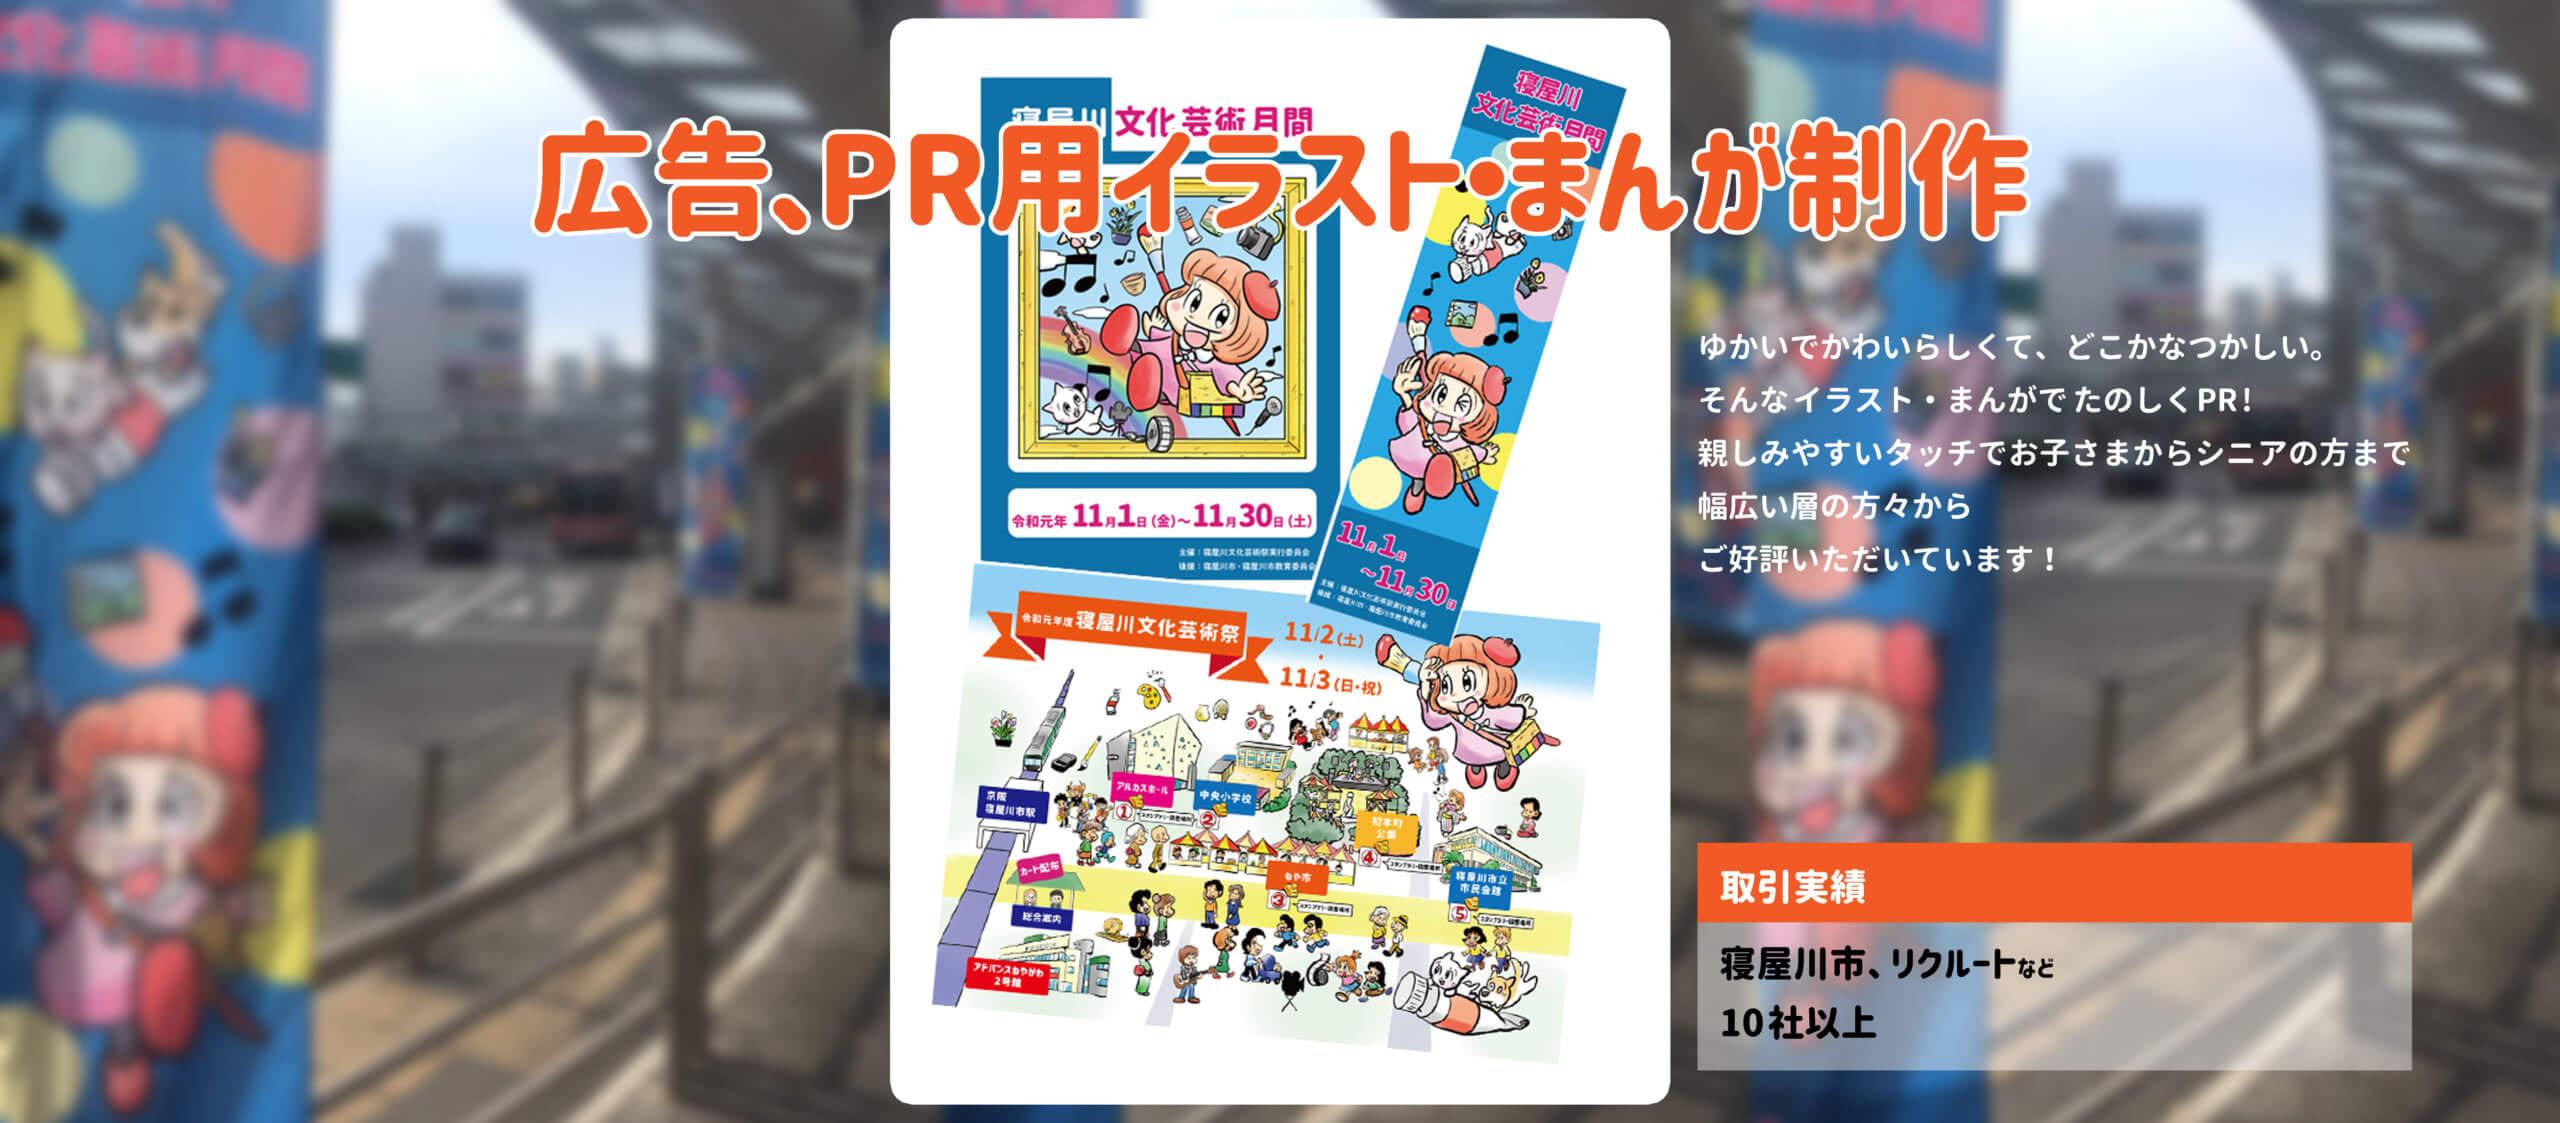 アシタモ実績寝屋川文化芸術祭2019スライダー用